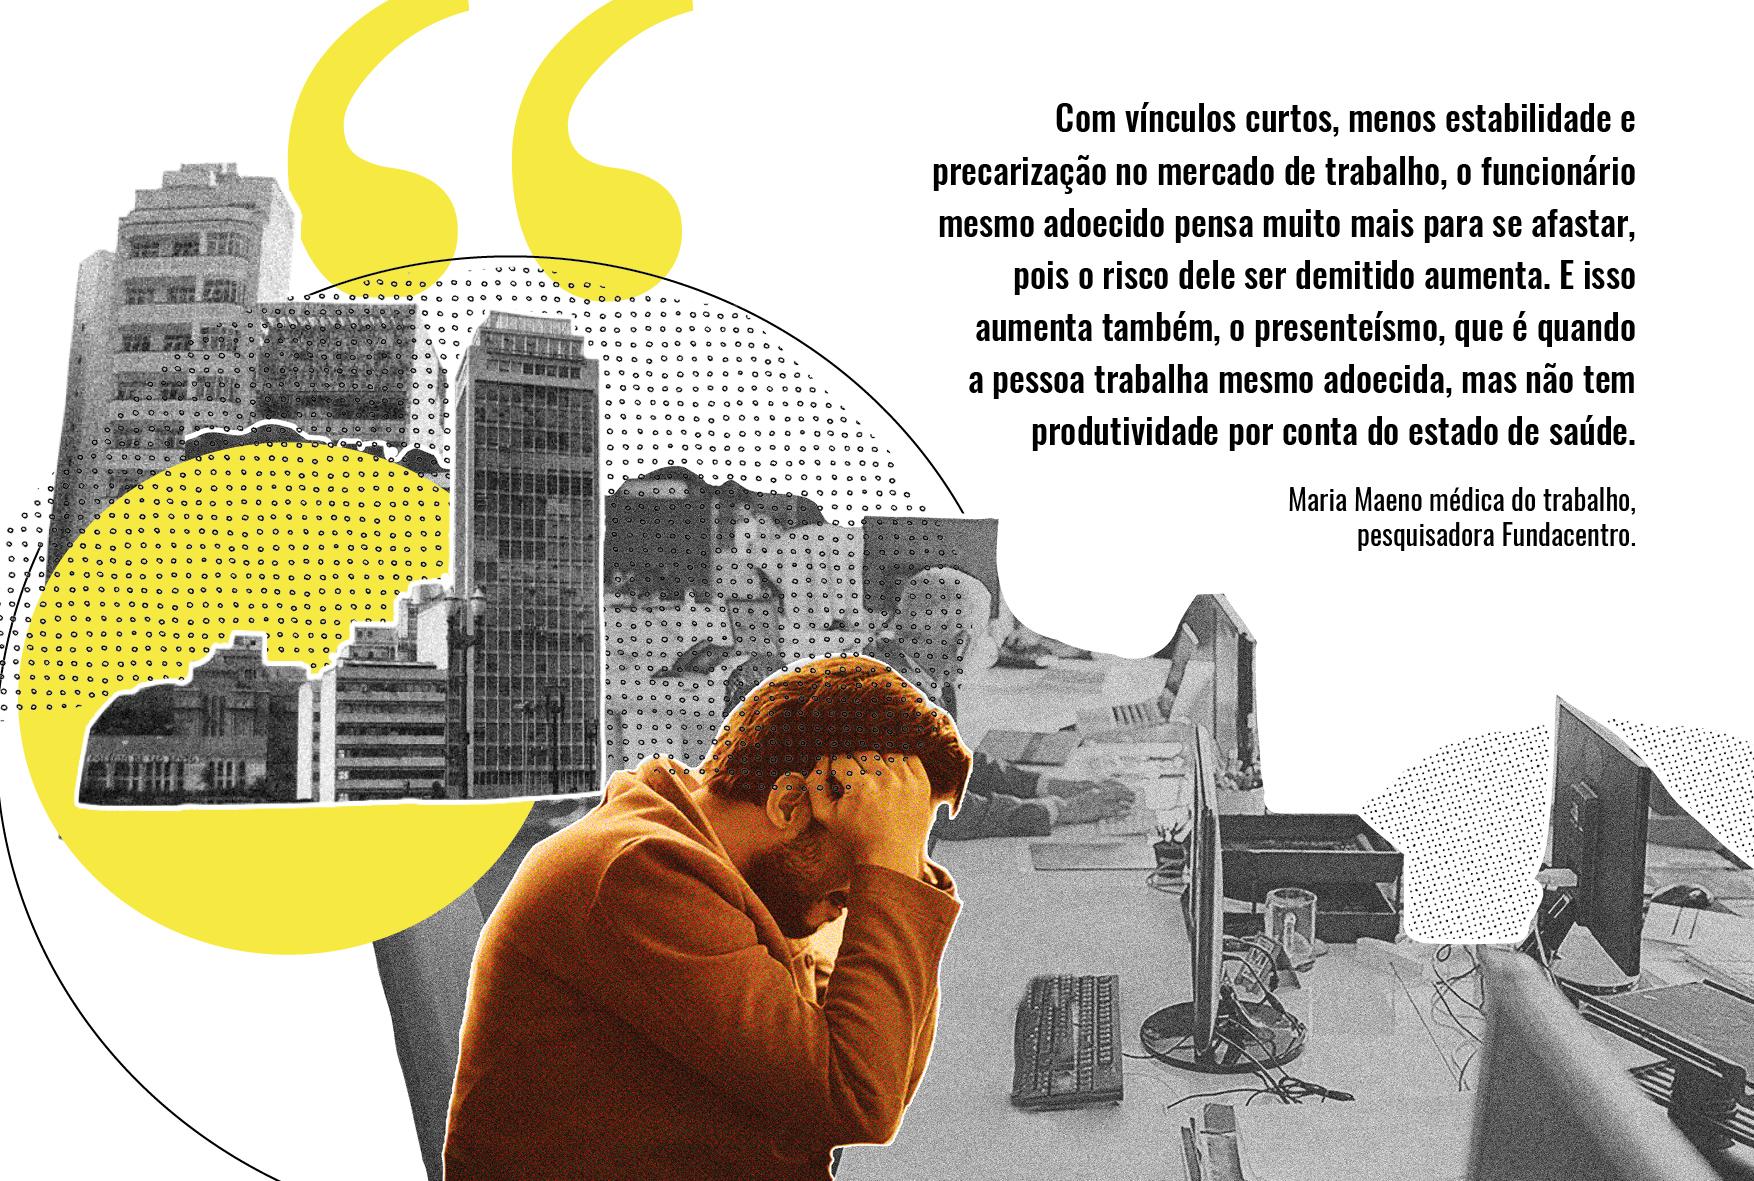 Precarização faz trabalhadores adoecidos não se afastarem com medo de demissão